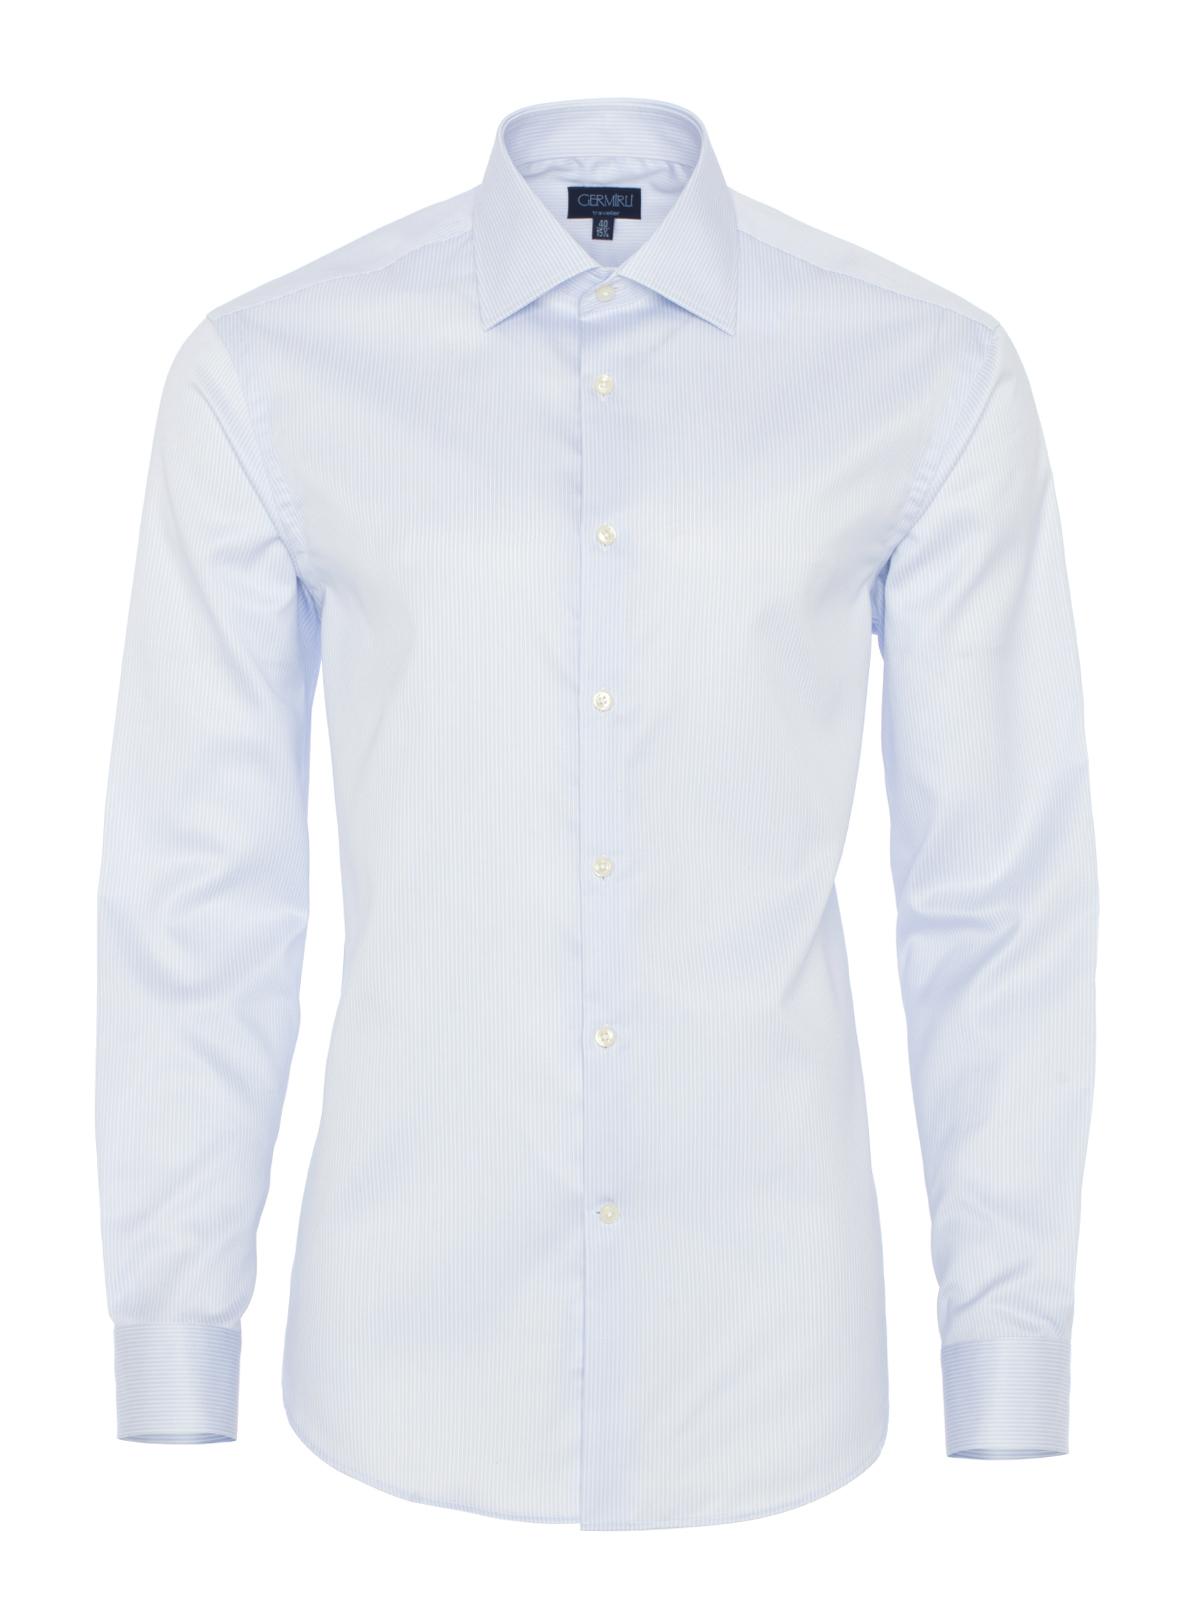 Germirli Non Iron A.Mavi Beyaz Çizgili Klasik Yaka Tailor Fit Journey Gömlek